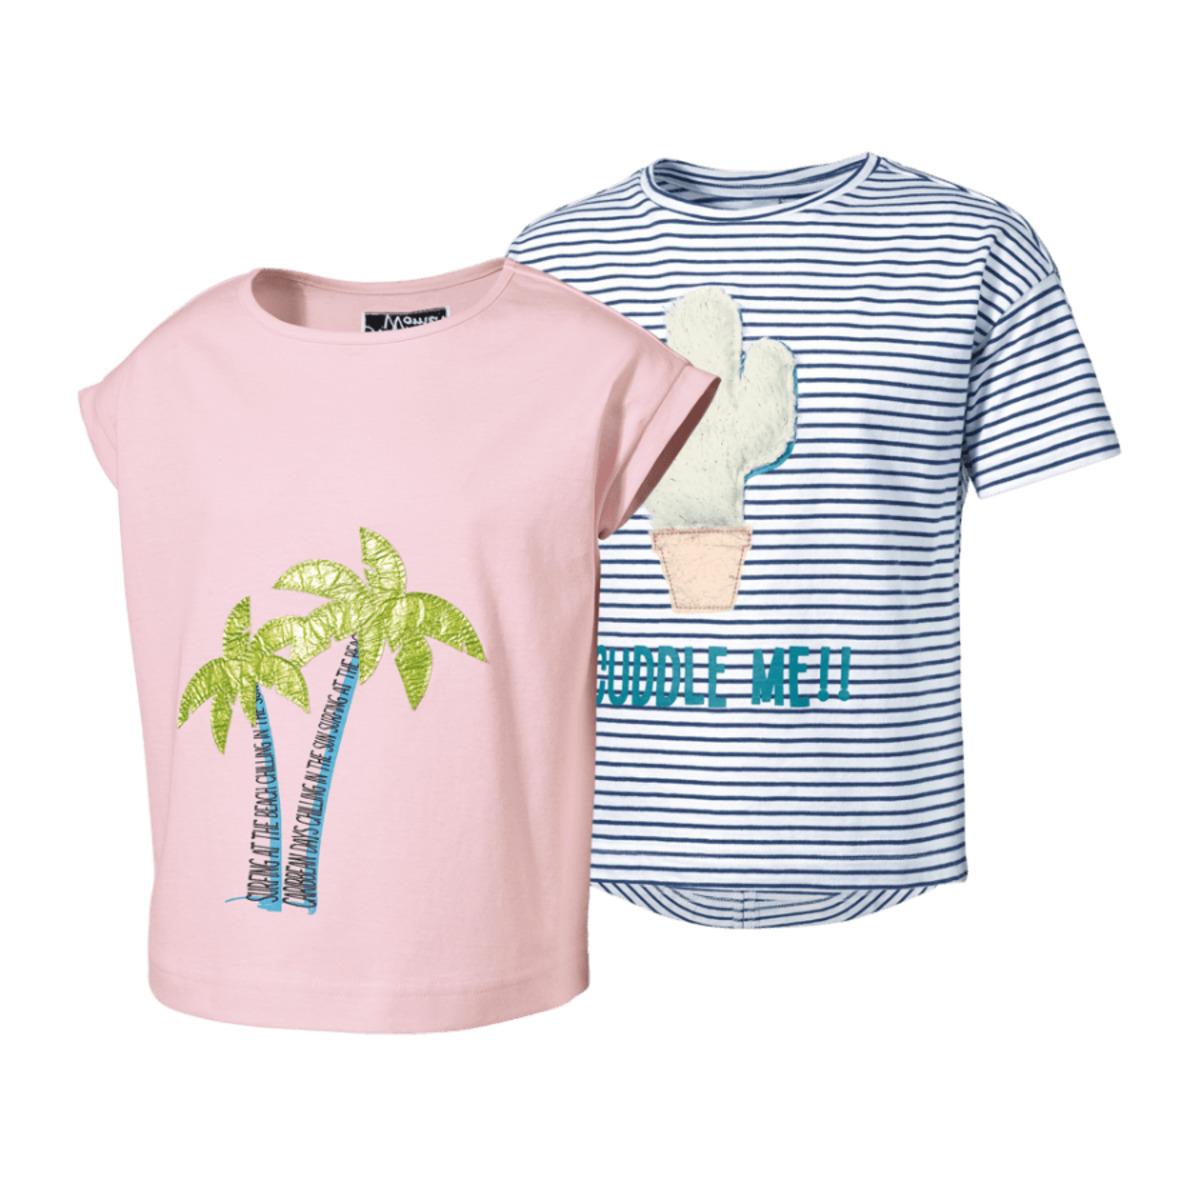 Bild 2 von POCOPIANO     T-Shirts